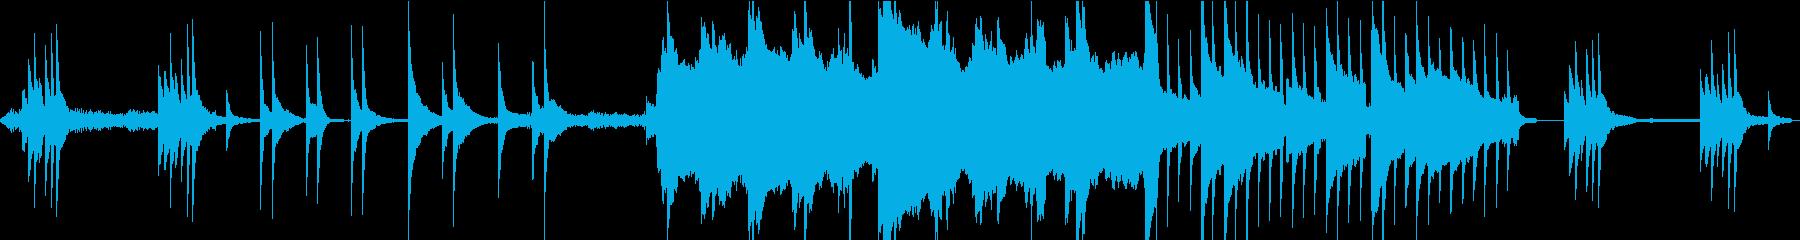 ダークファンタジーな雰囲気のBGM-Lの再生済みの波形